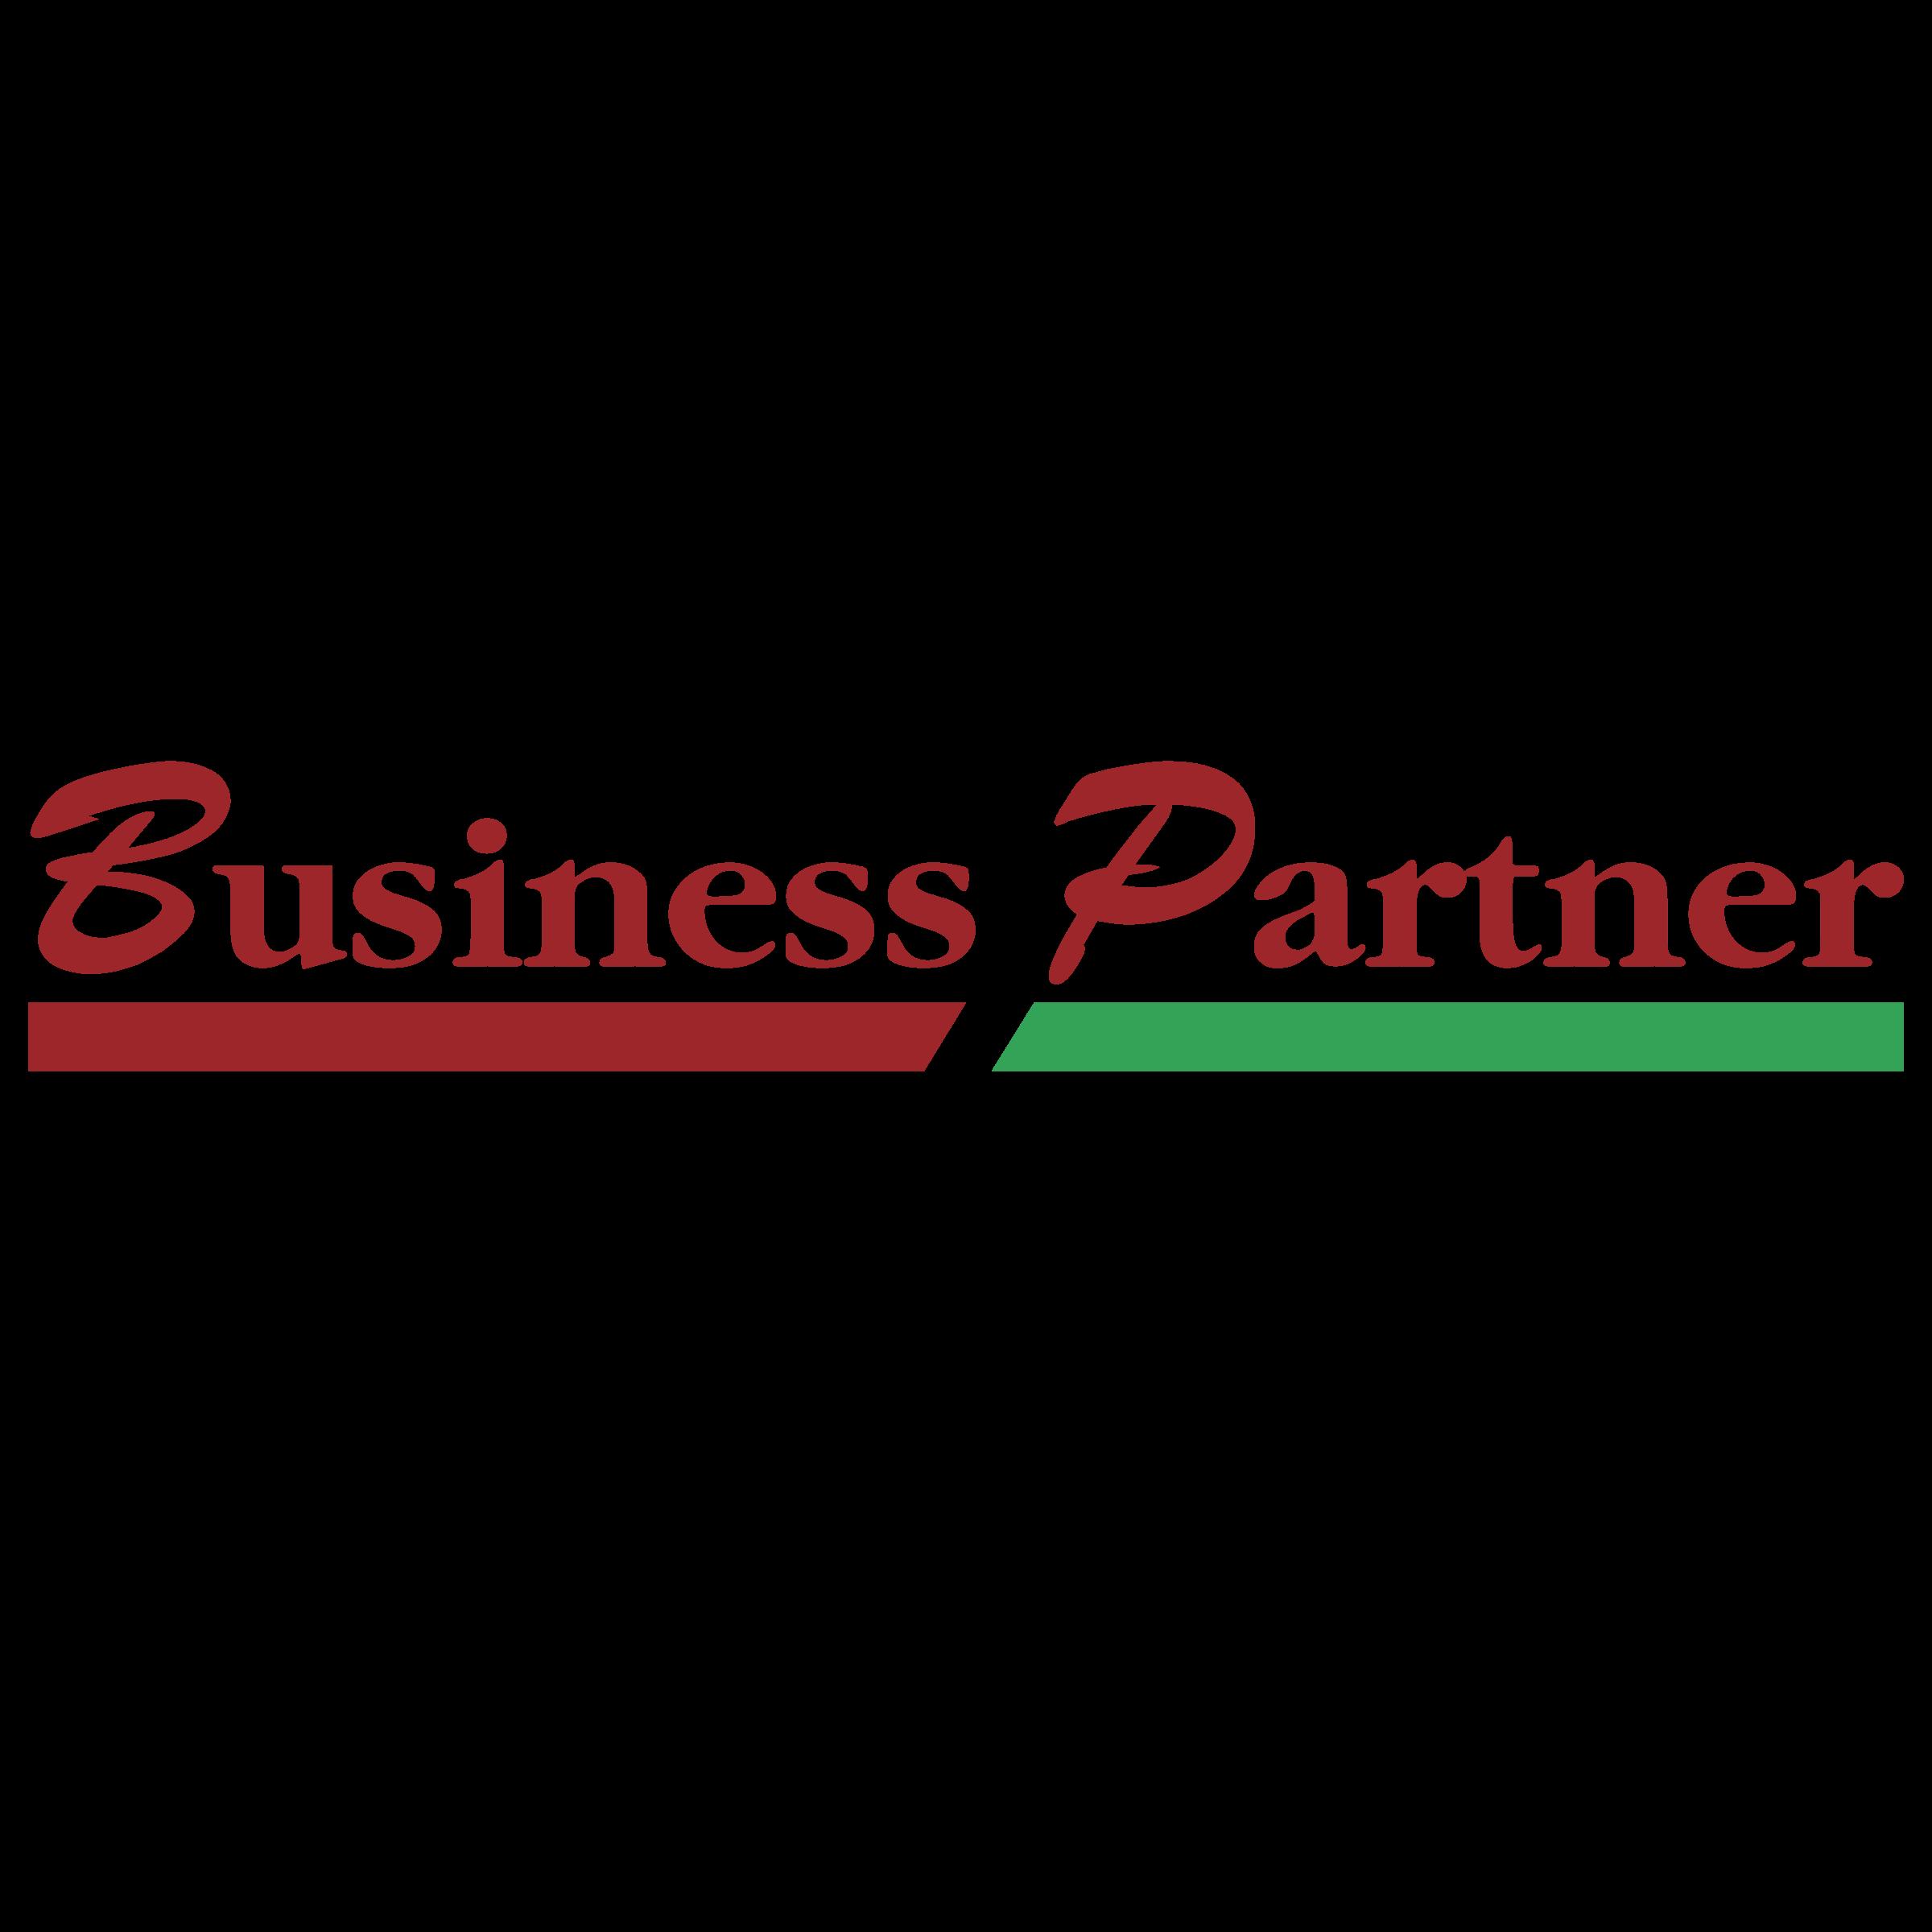 clip royalty free download Logo png transparent svg. Vector business partner